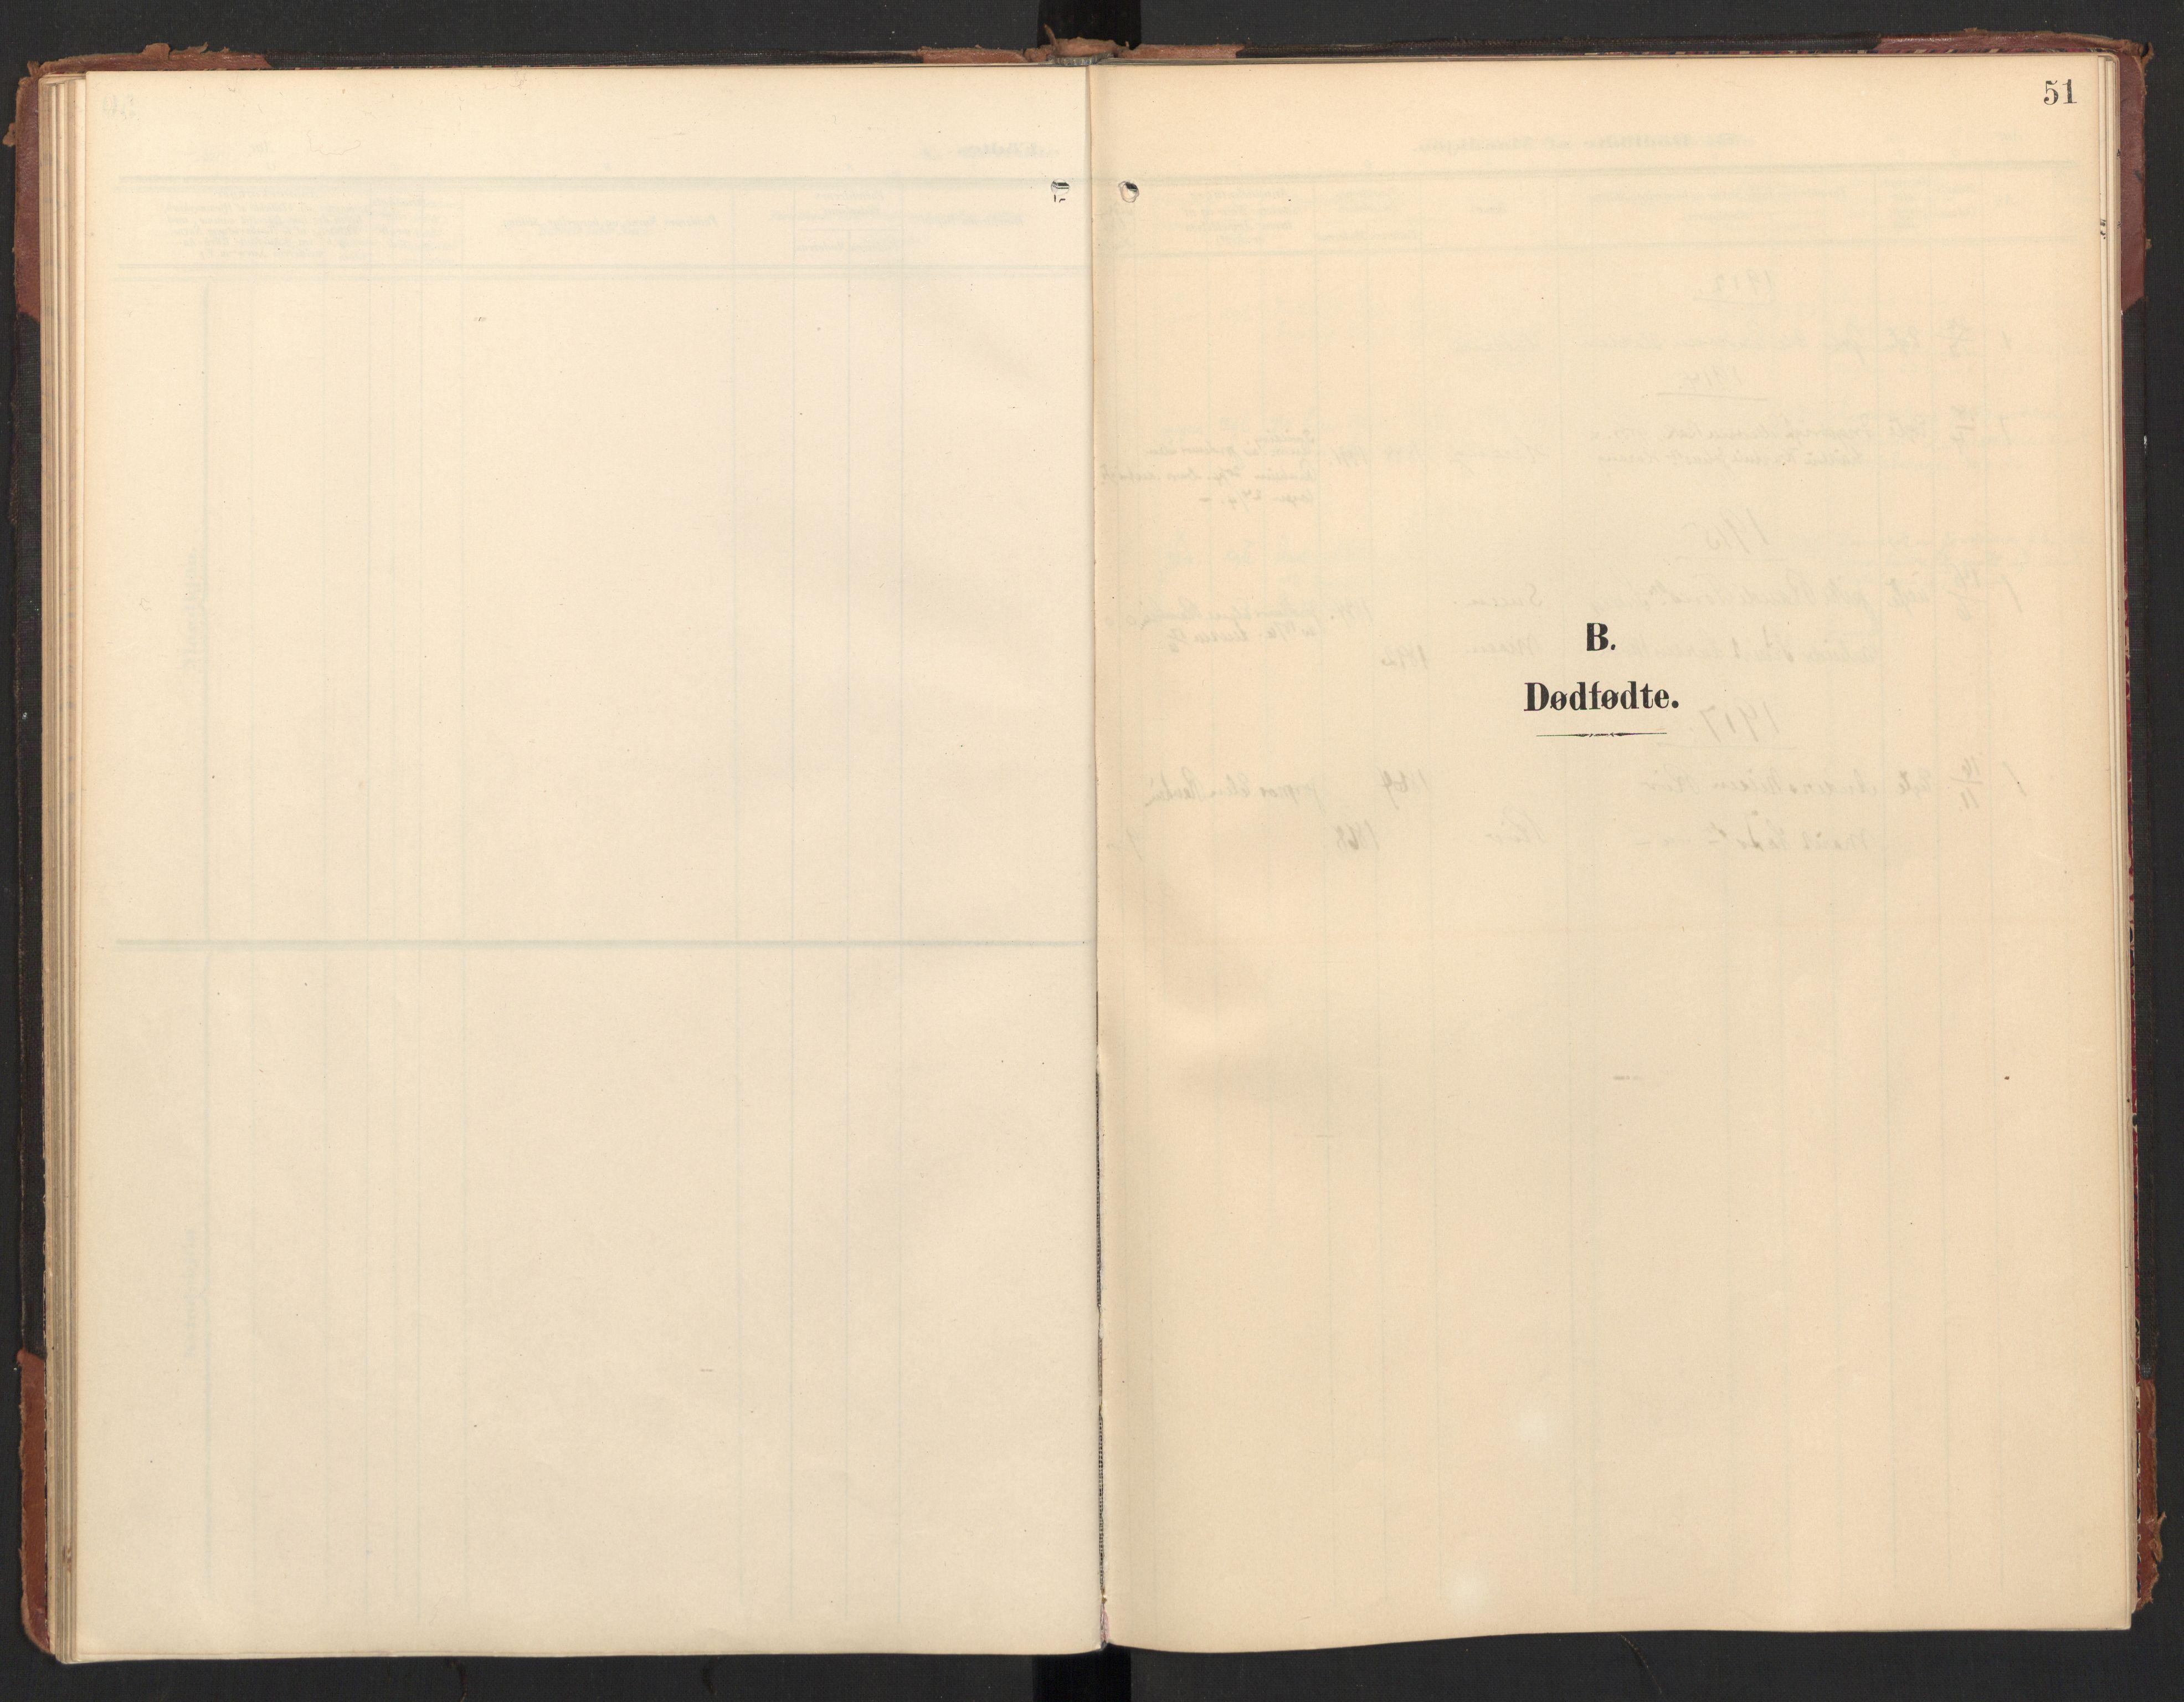 SAT, Ministerialprotokoller, klokkerbøker og fødselsregistre - Møre og Romsdal, 597/L1063: Ministerialbok nr. 597A02, 1905-1923, s. 51